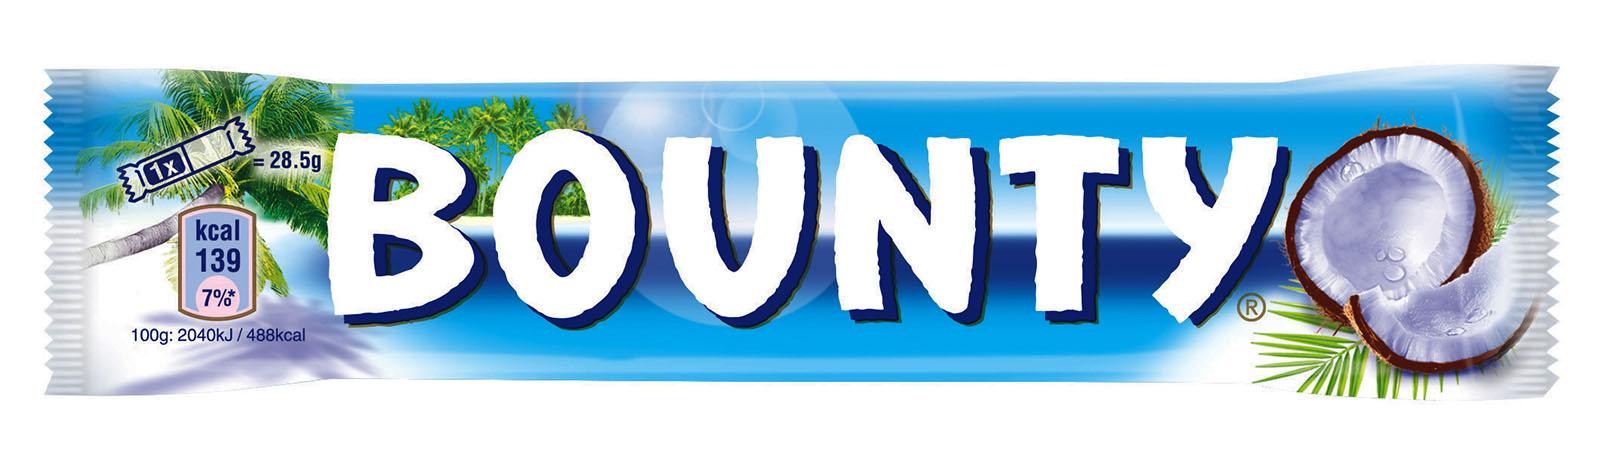 Батончик шоколадный Баунти, 57г. Bounty - фото 1